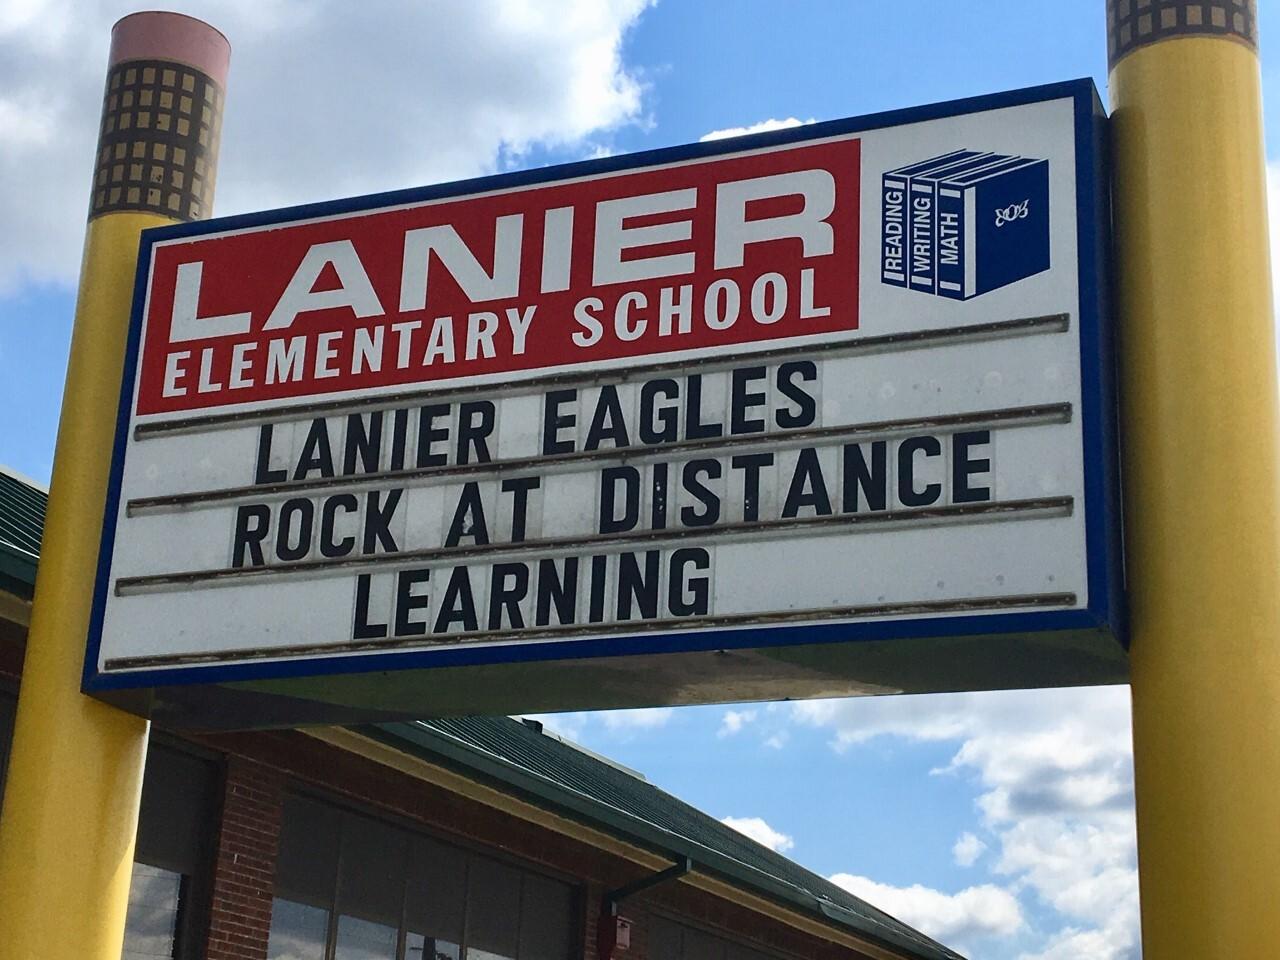 Lanier Elemmentary School - Lanier Eagles Rock sign